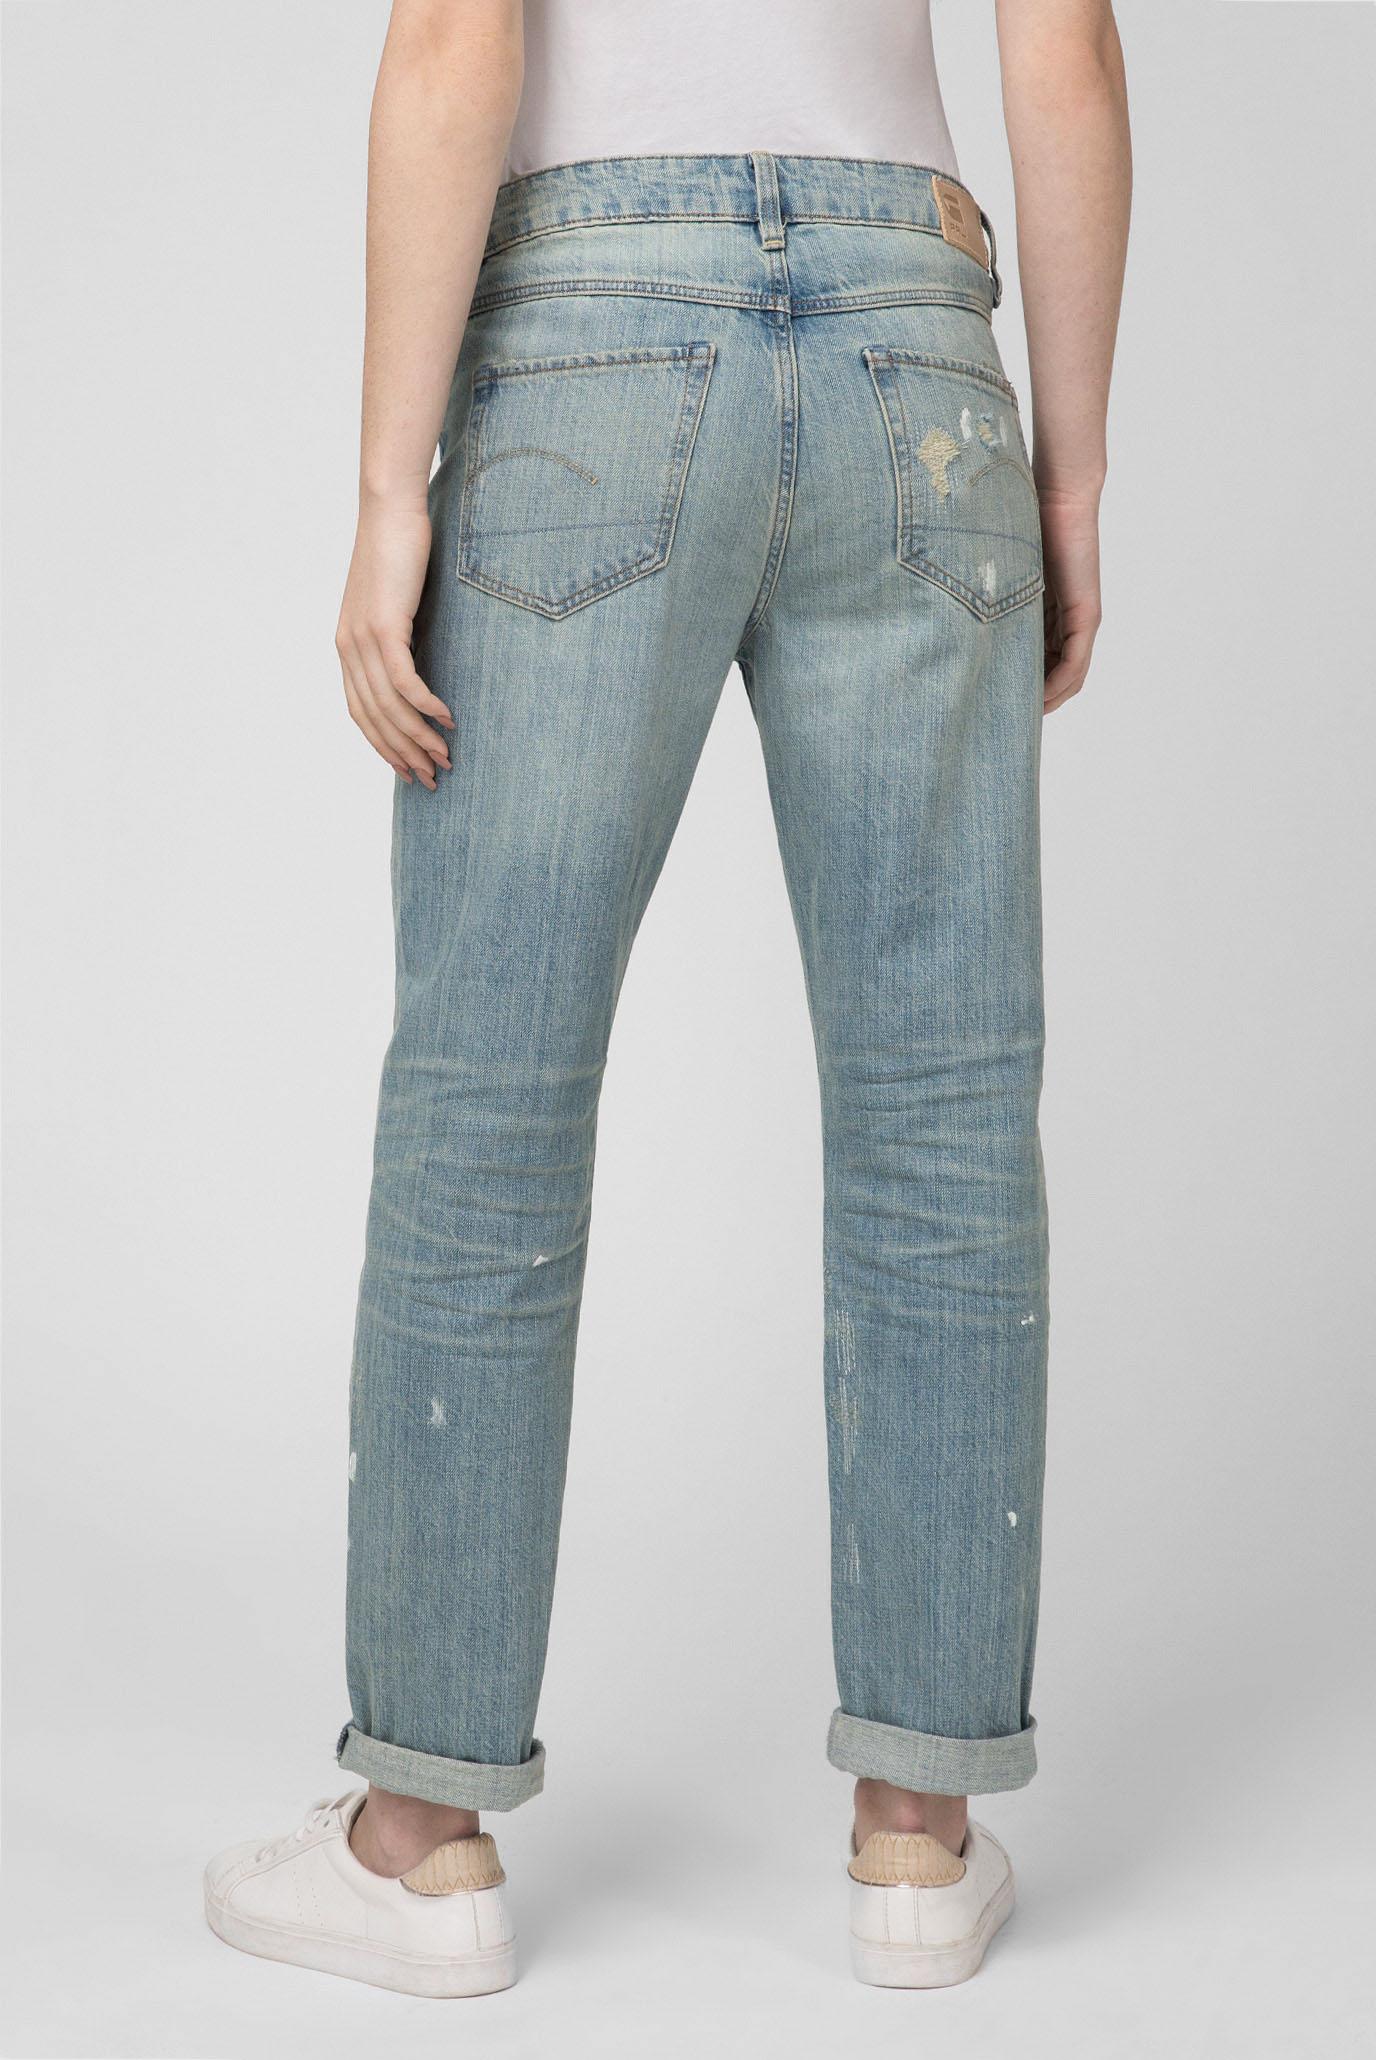 Купить Женские голубые джинсы 3301 Mid Boyfriend G-Star RAW G-Star RAW D10399,8595 – Киев, Украина. Цены в интернет магазине MD Fashion